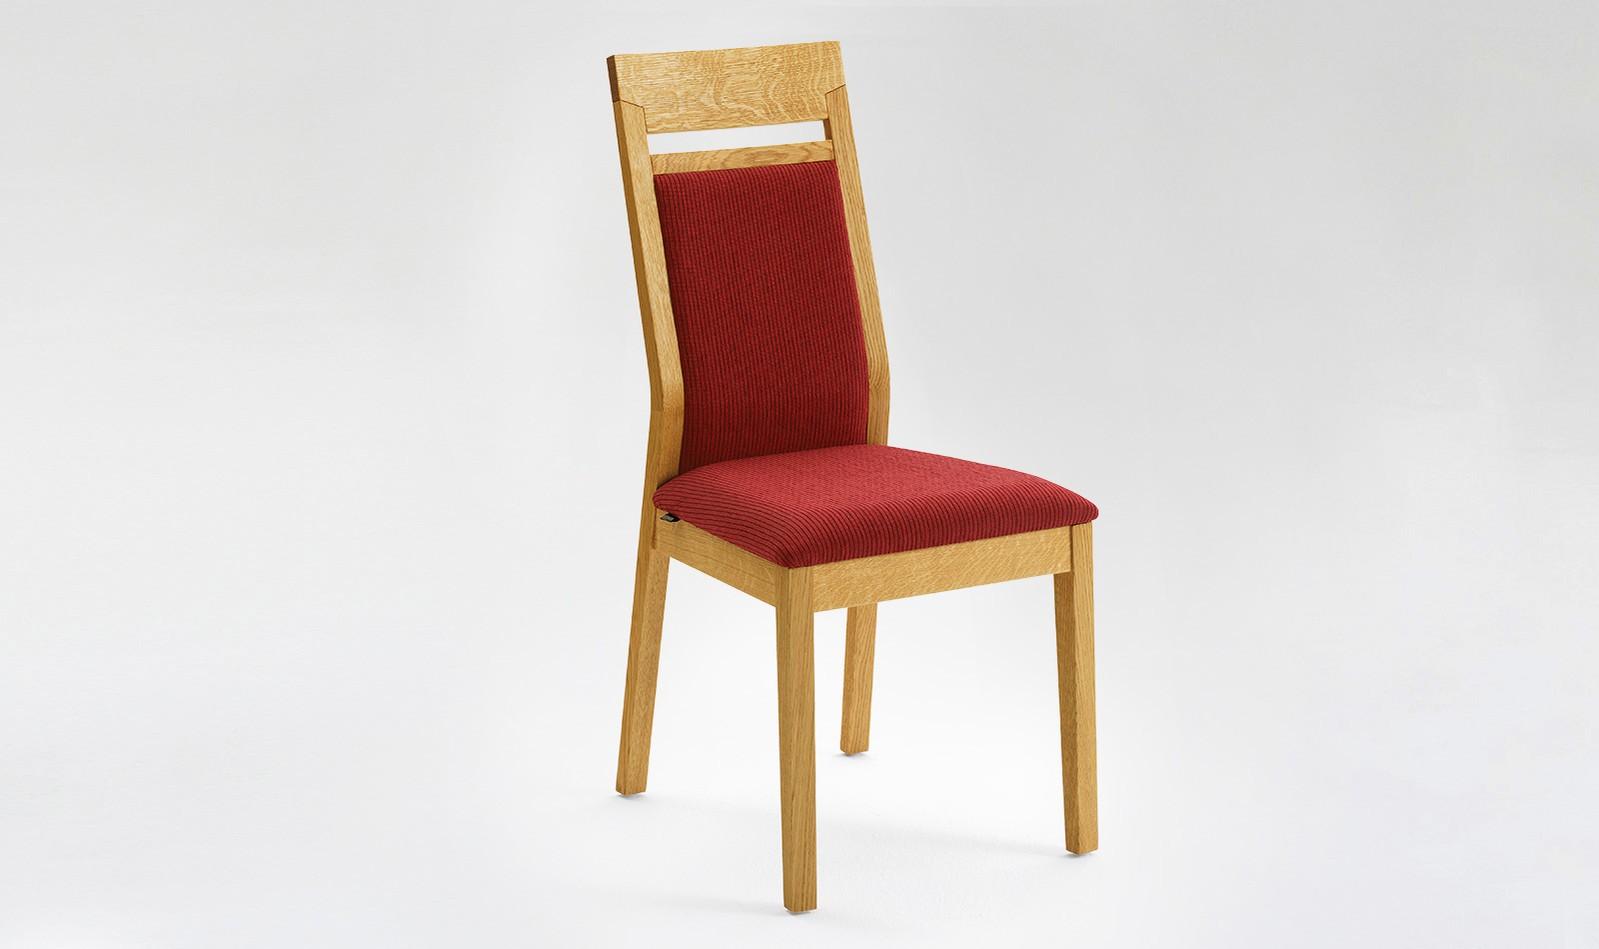 venjakob stuhl kerstin 2413 stoffgruppe a. Black Bedroom Furniture Sets. Home Design Ideas